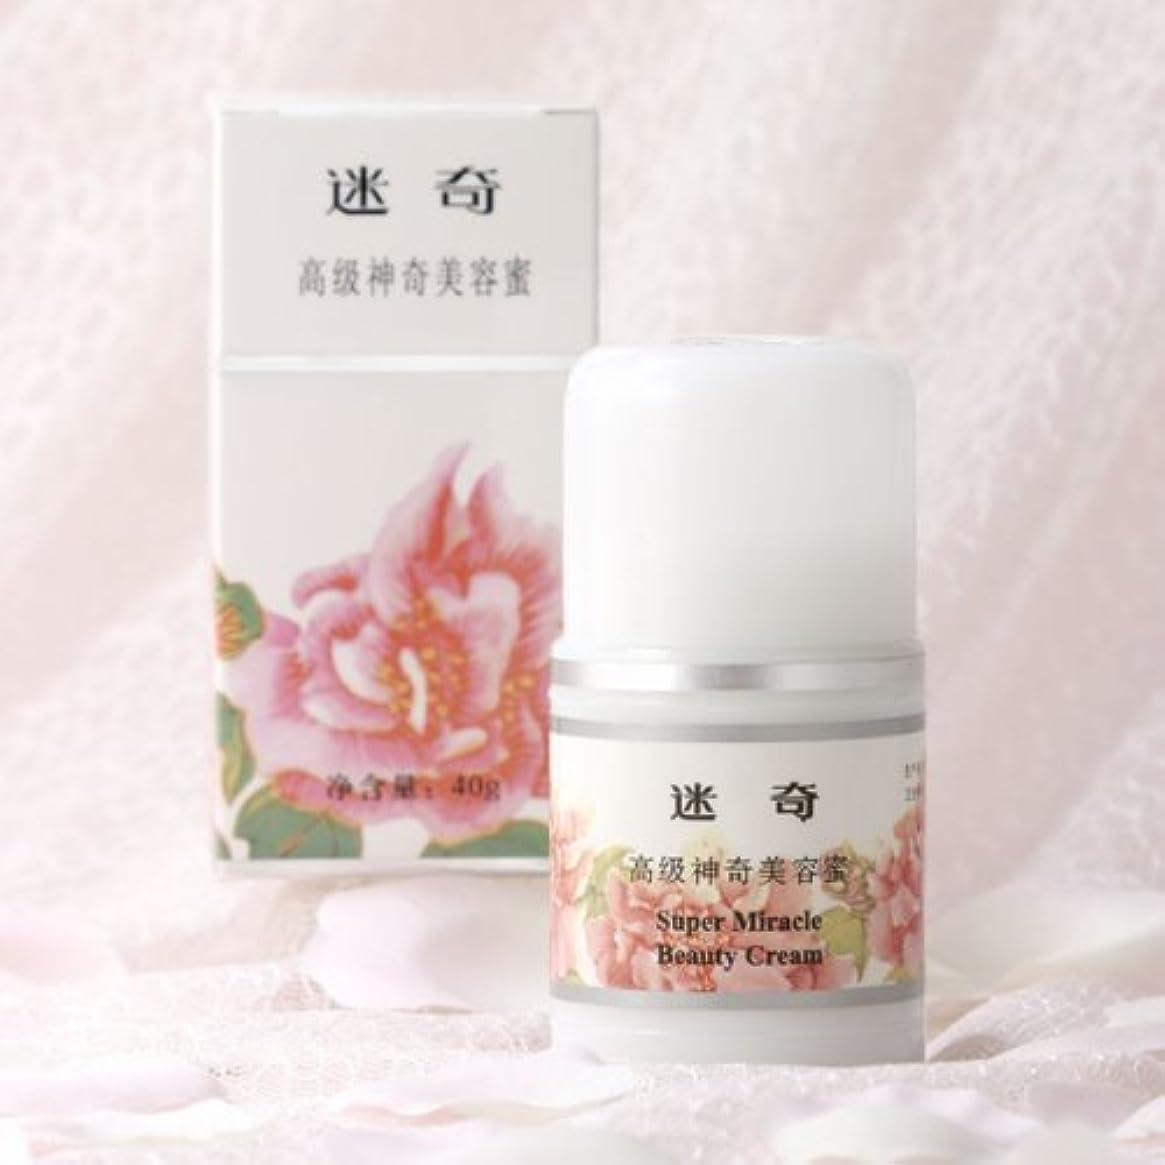 実用的事業毒栄養保湿クリーム 迷奇(meiki) 40g×3個セット